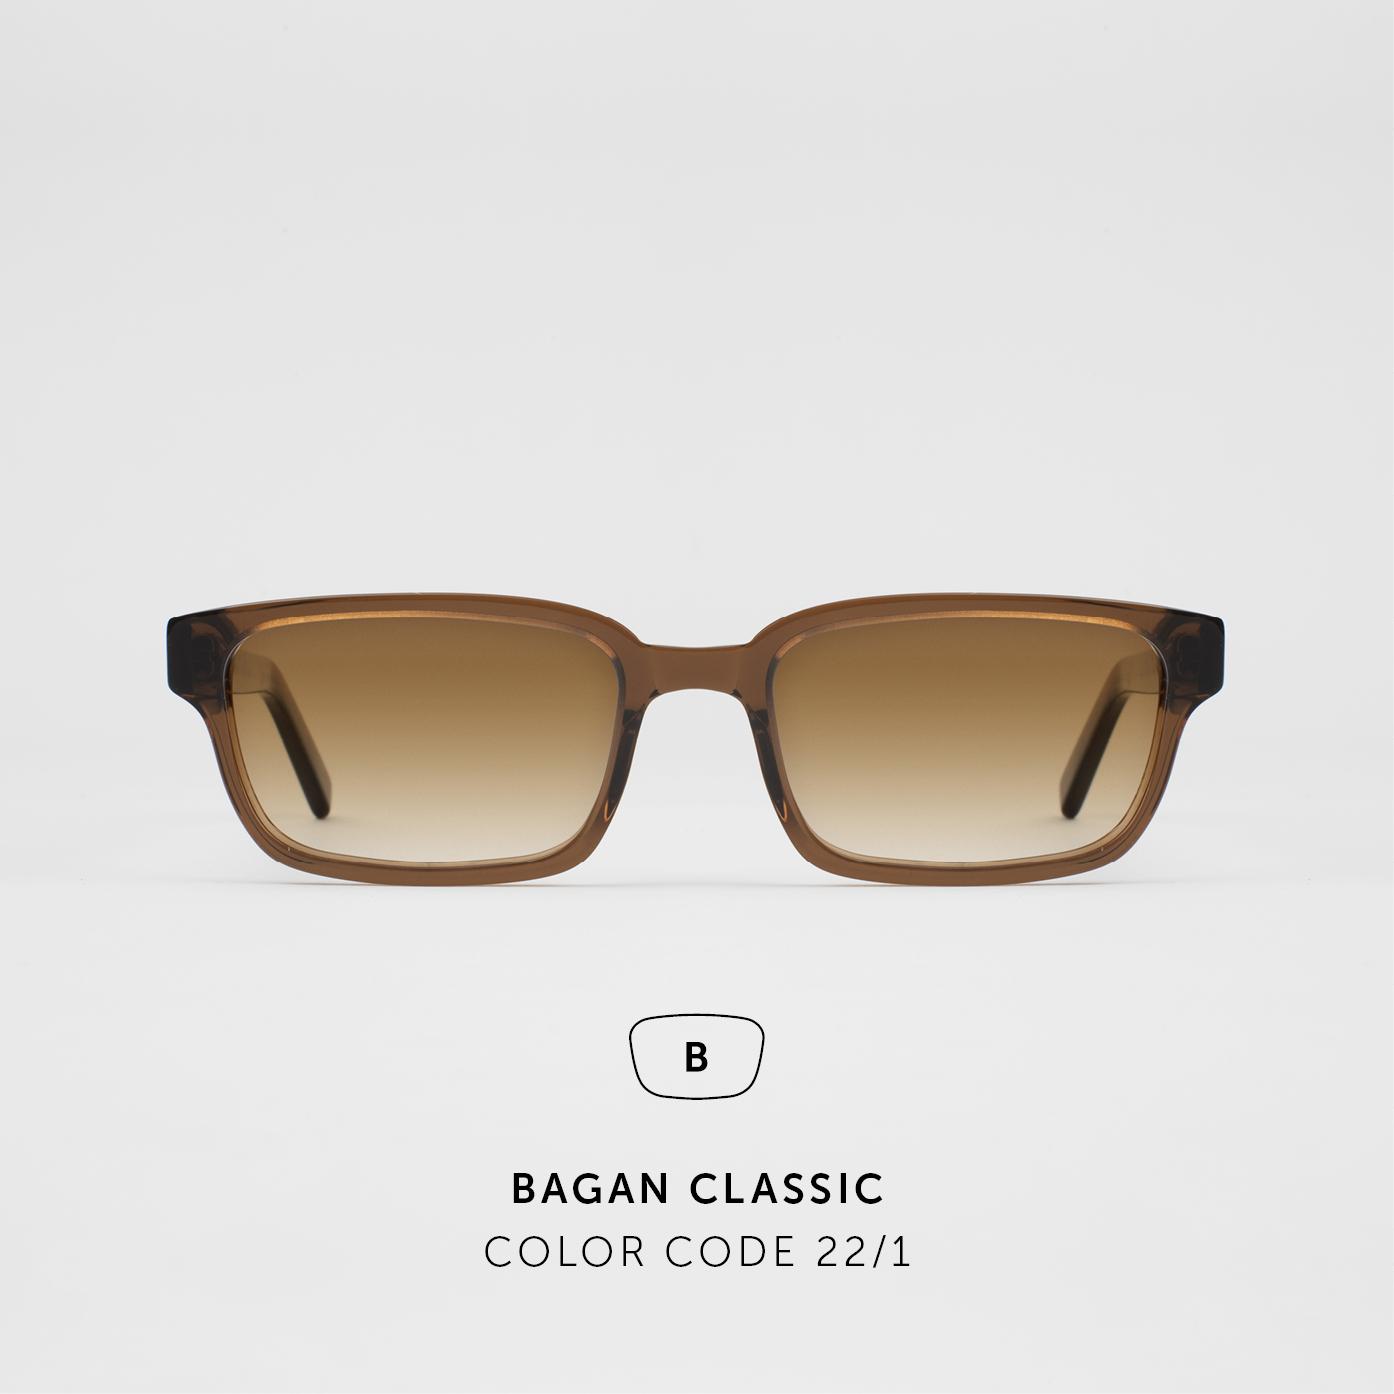 BaganClassic46.jpg